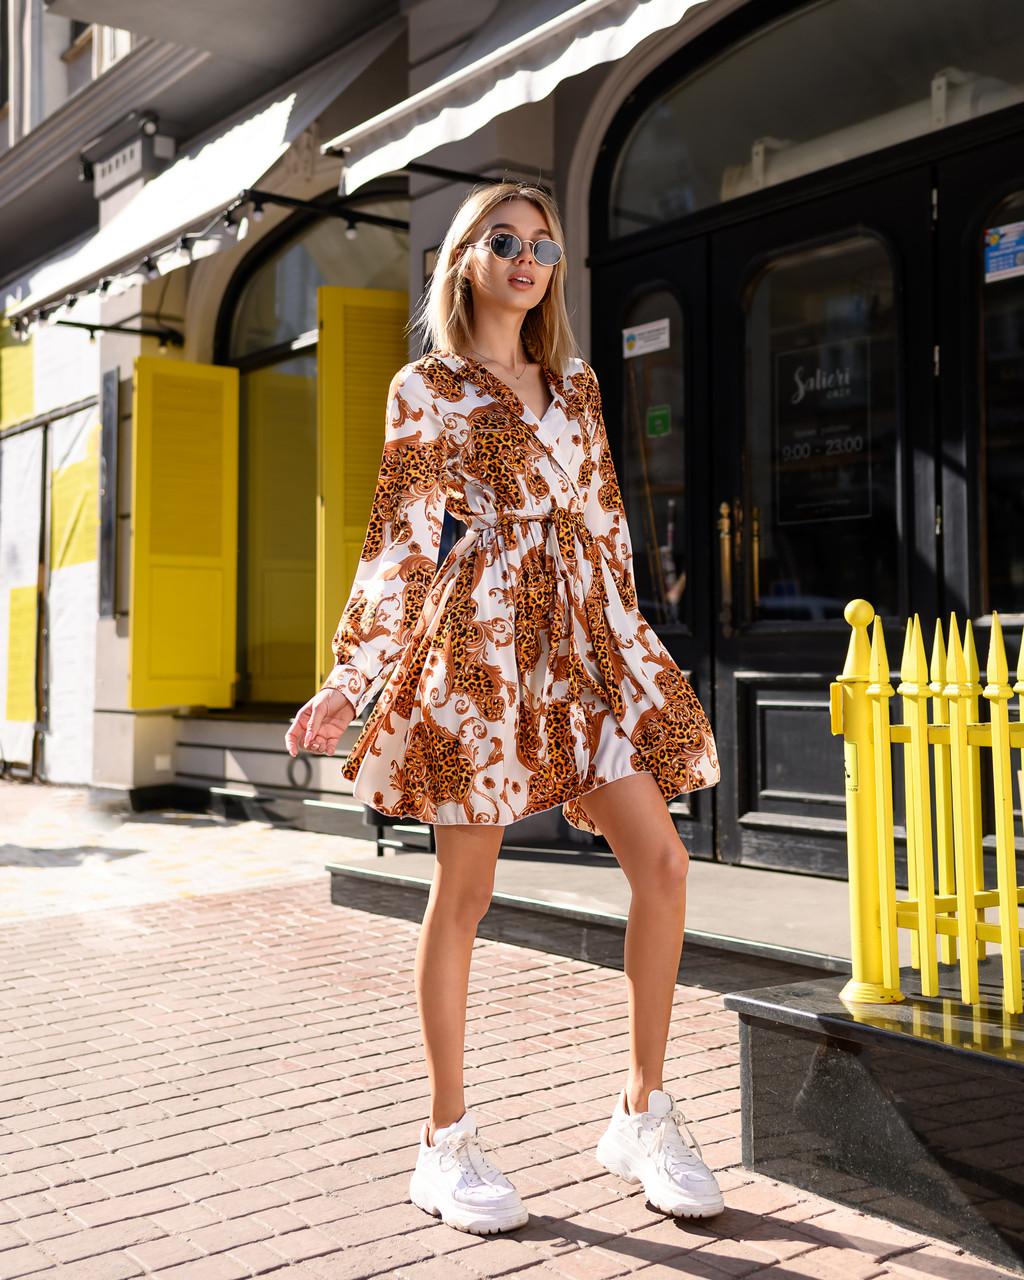 Бестселлер! Нарядное платье из шелка Армани, стильный принт, декорировано воротником, ширина юбки 285см